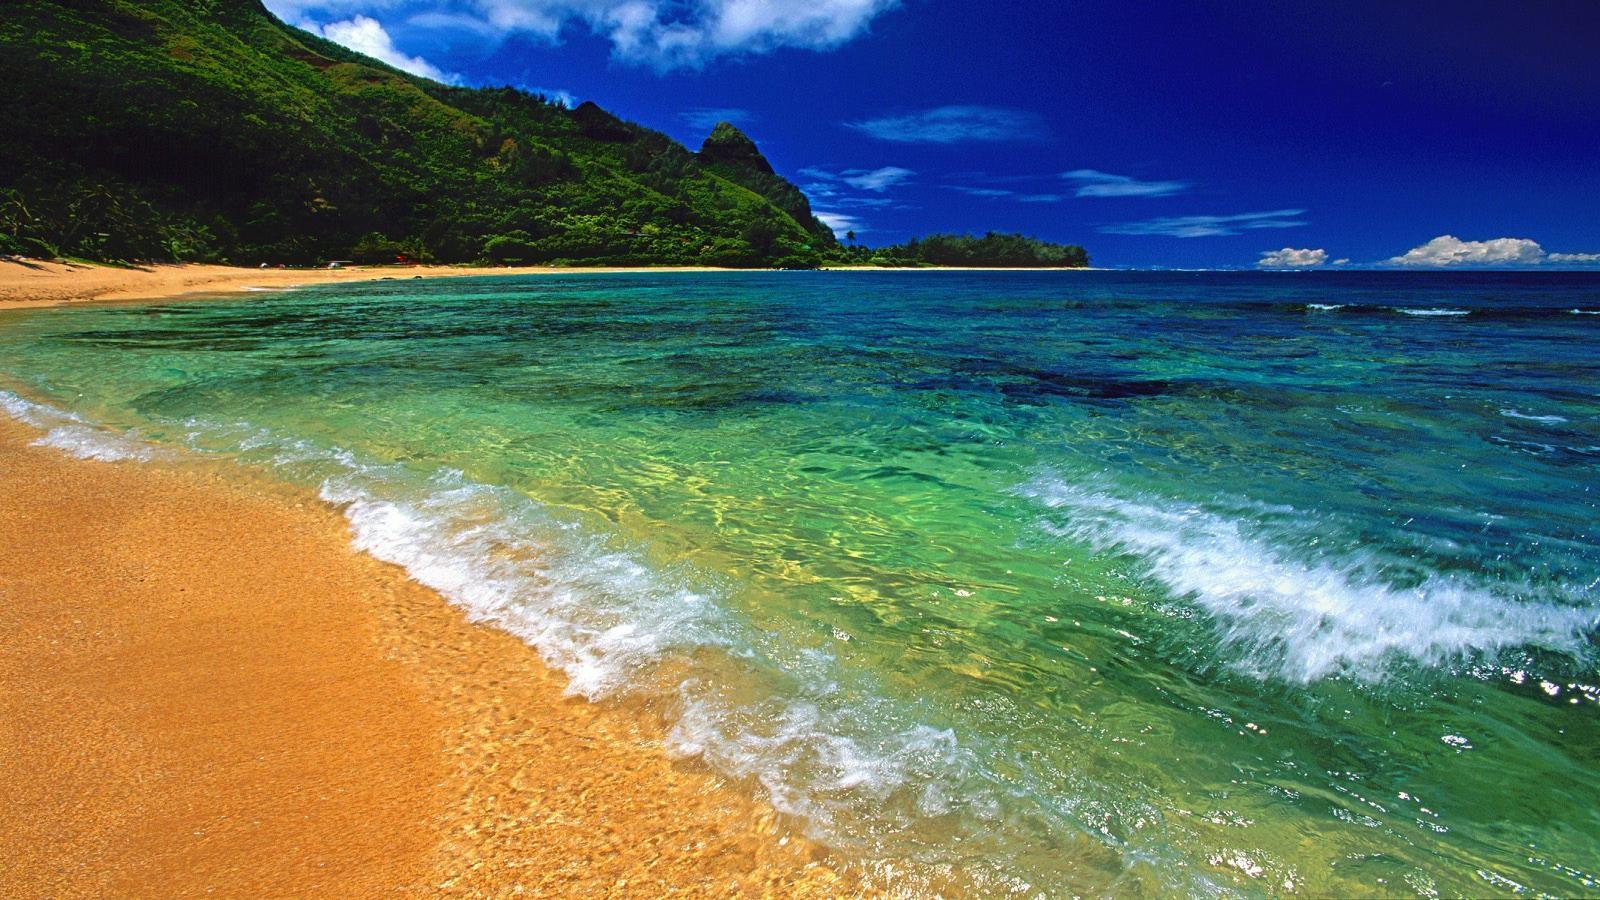 Best Beach HD Wallpapers 1600x900 Beach Wallpapers 1600x900 Download 1600x900